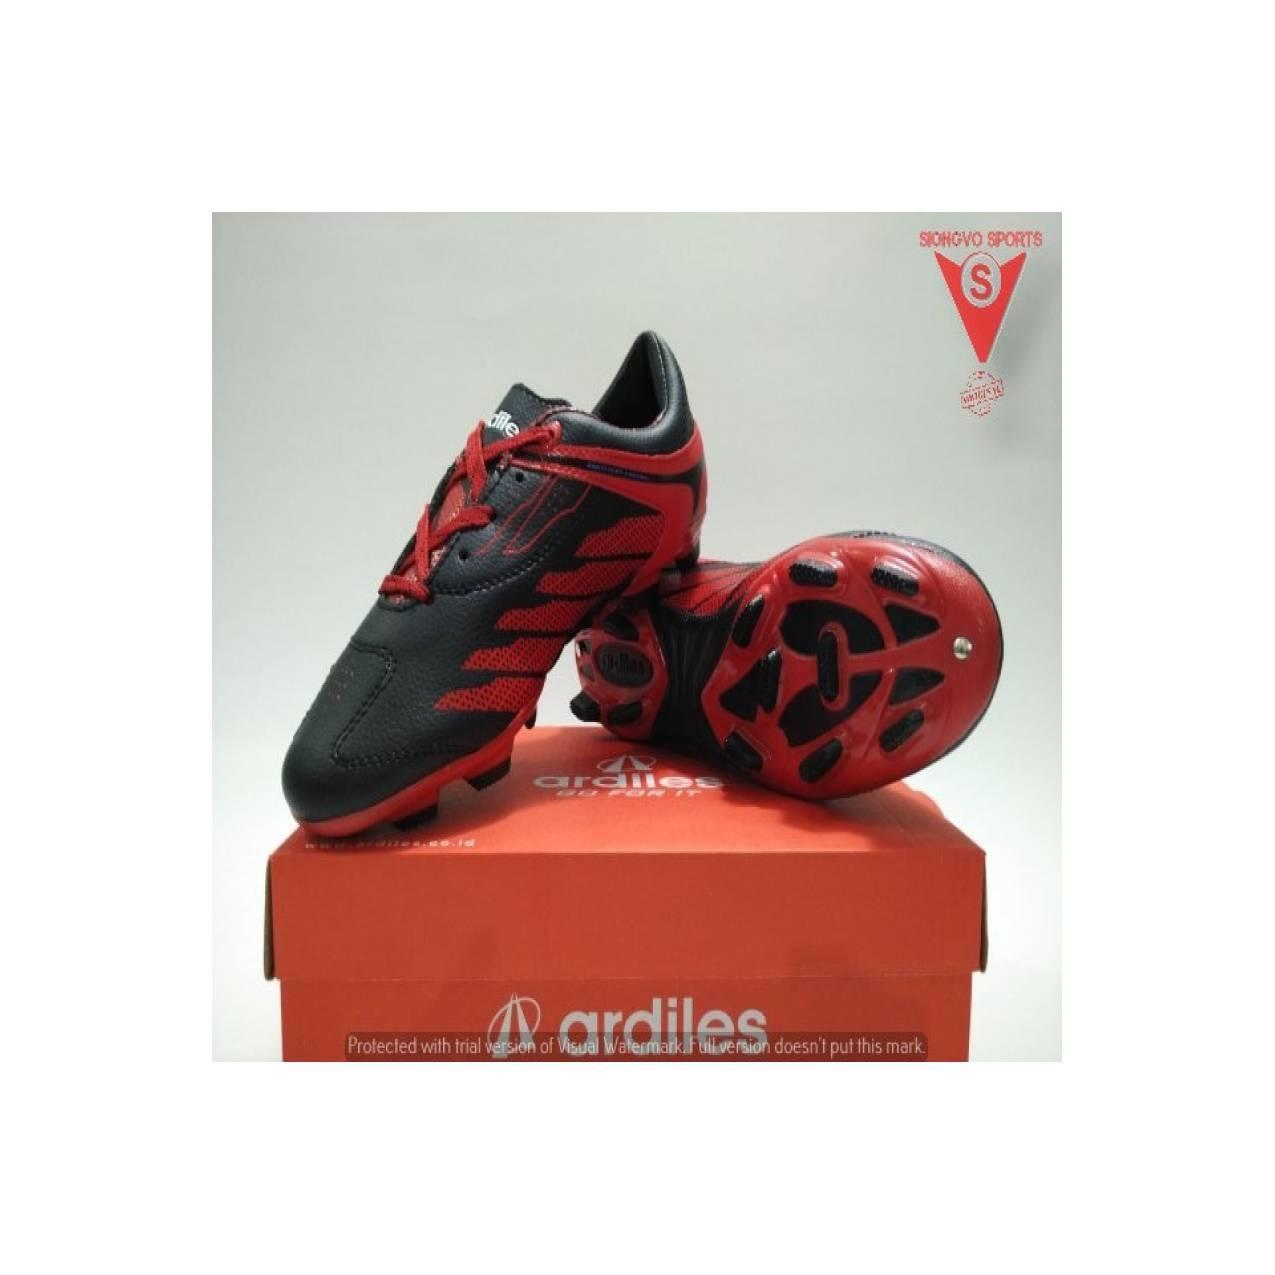 Jual Promo Sepatu Ardiles Murah Garansi Dan Berkualitas Id Store Men Biglio Futsal Putih Emas 43 Rp 245400